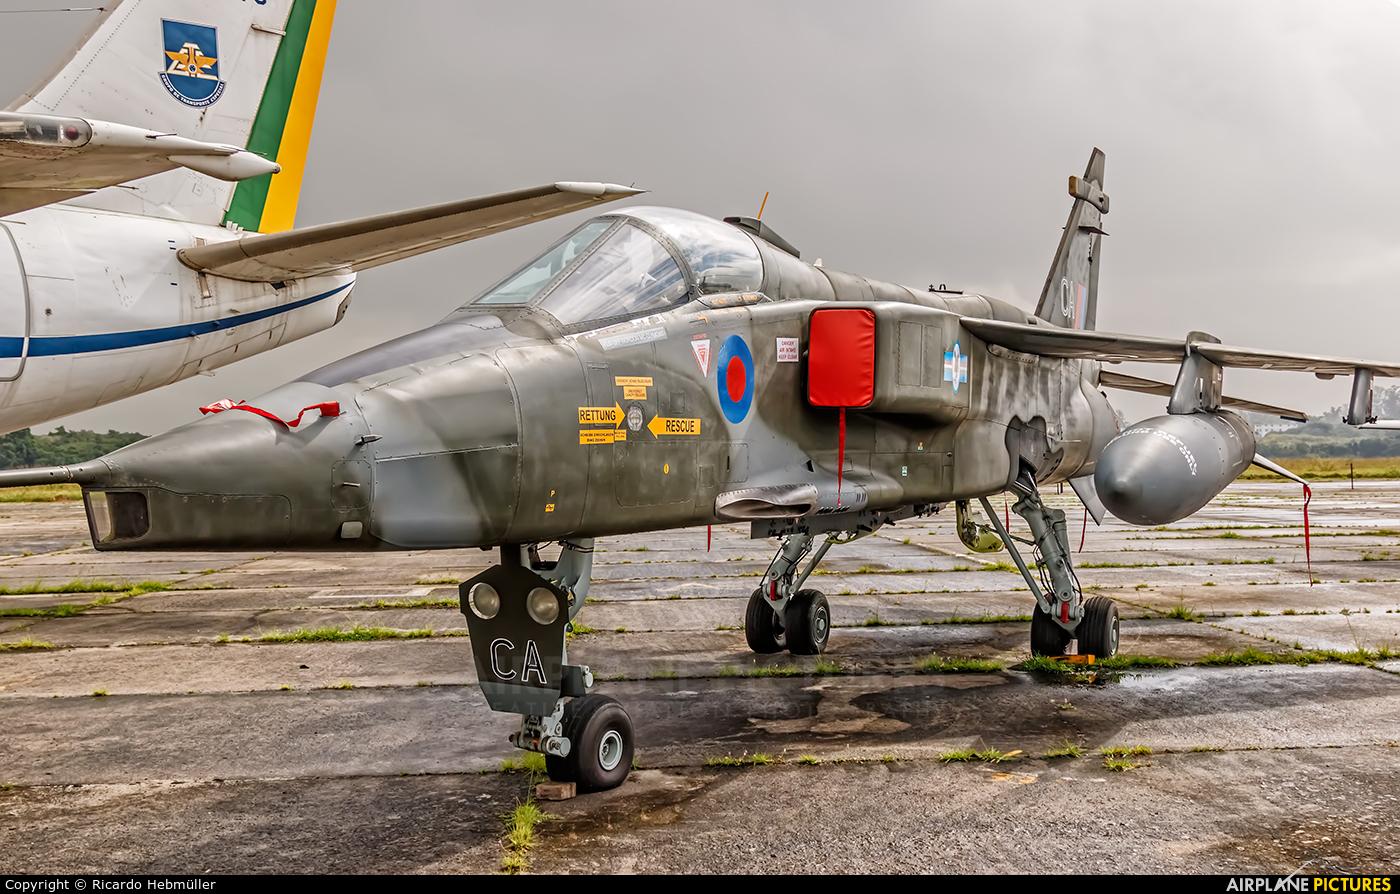 XX757 aircraft at Campo Délio Jardim de Matos - Afonsos AFB